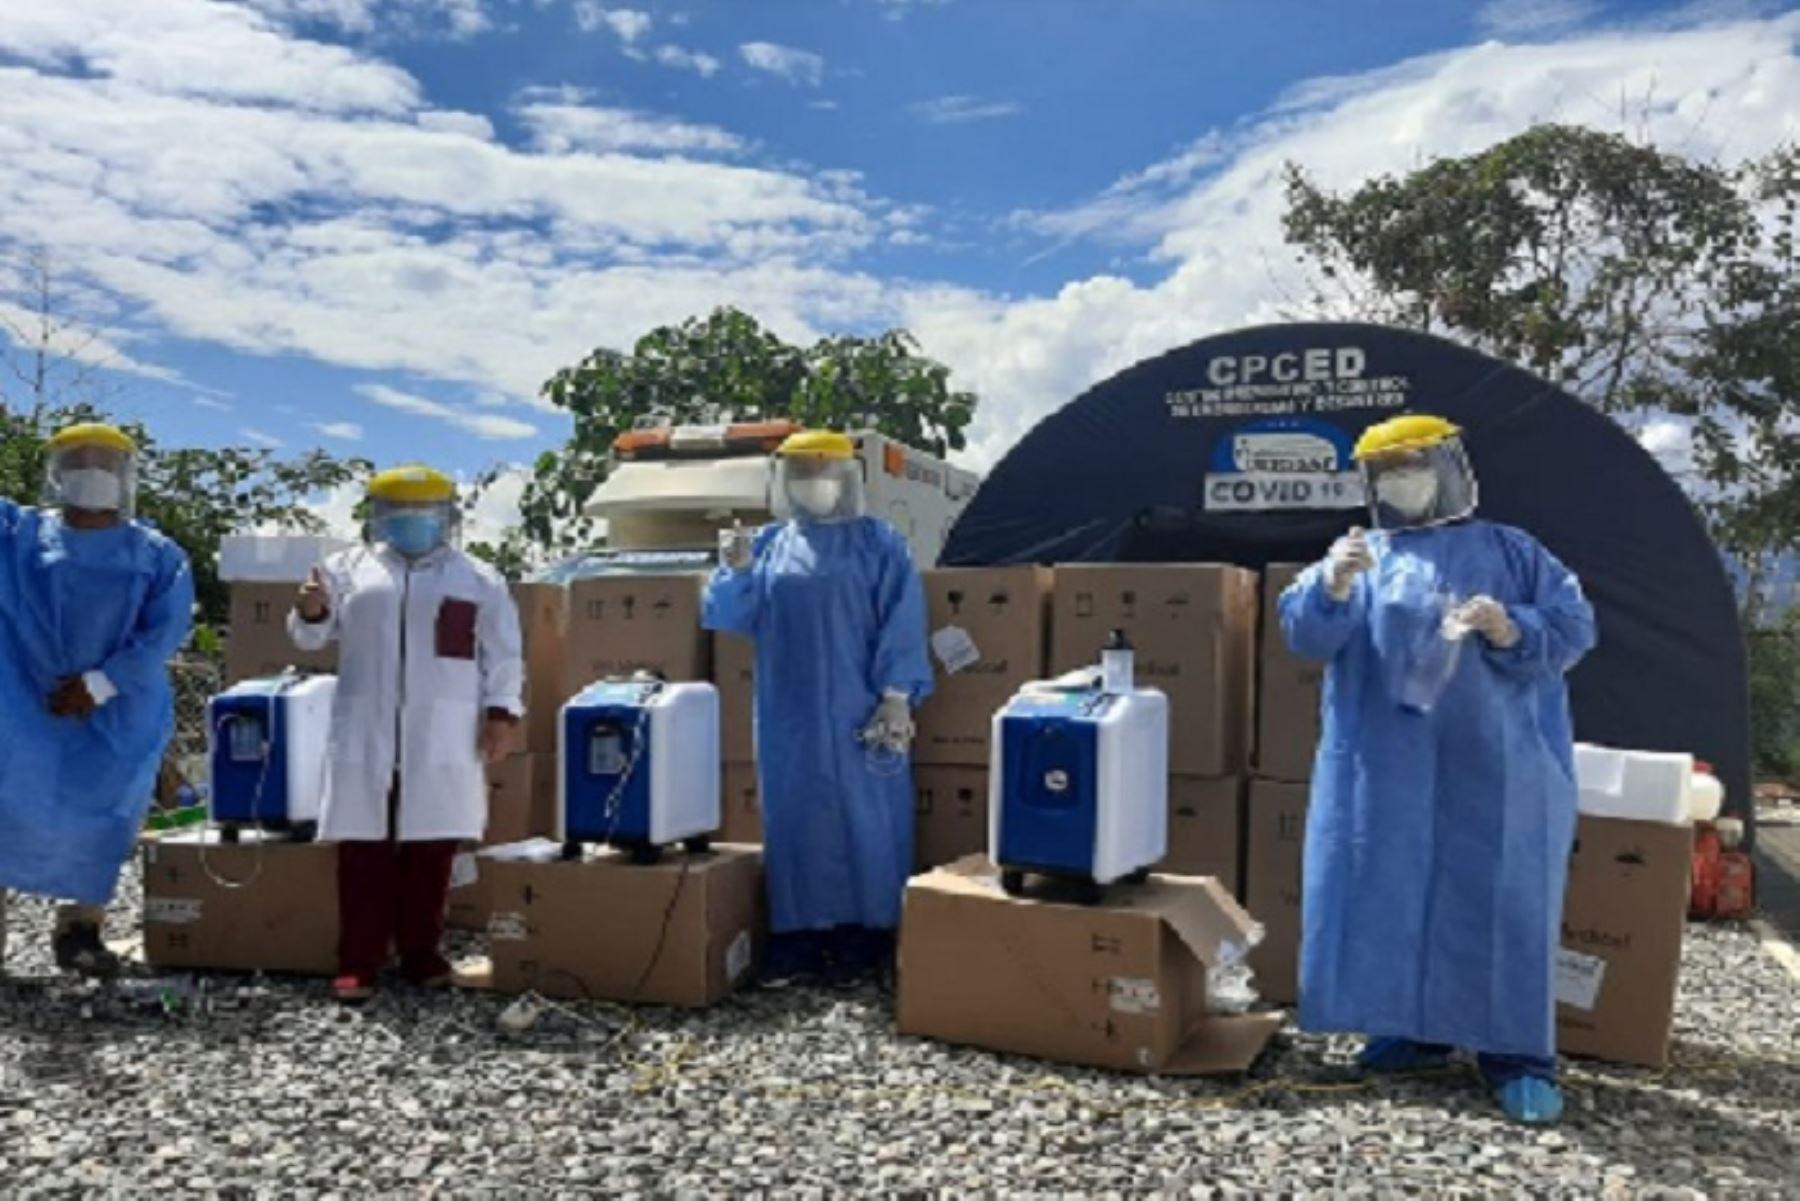 La donación, que asciende a la suma de 270,000 dólares proporcionados por Google.org, brazo filantrópico de Google, será destinado a las acciones que viene realizando Unicef en Perú y servirá para la compra de concentradores de oxígeno, equipos de protección personal para personal de salud e instalación de estaciones de lavado de manos. ANDINA/archivo